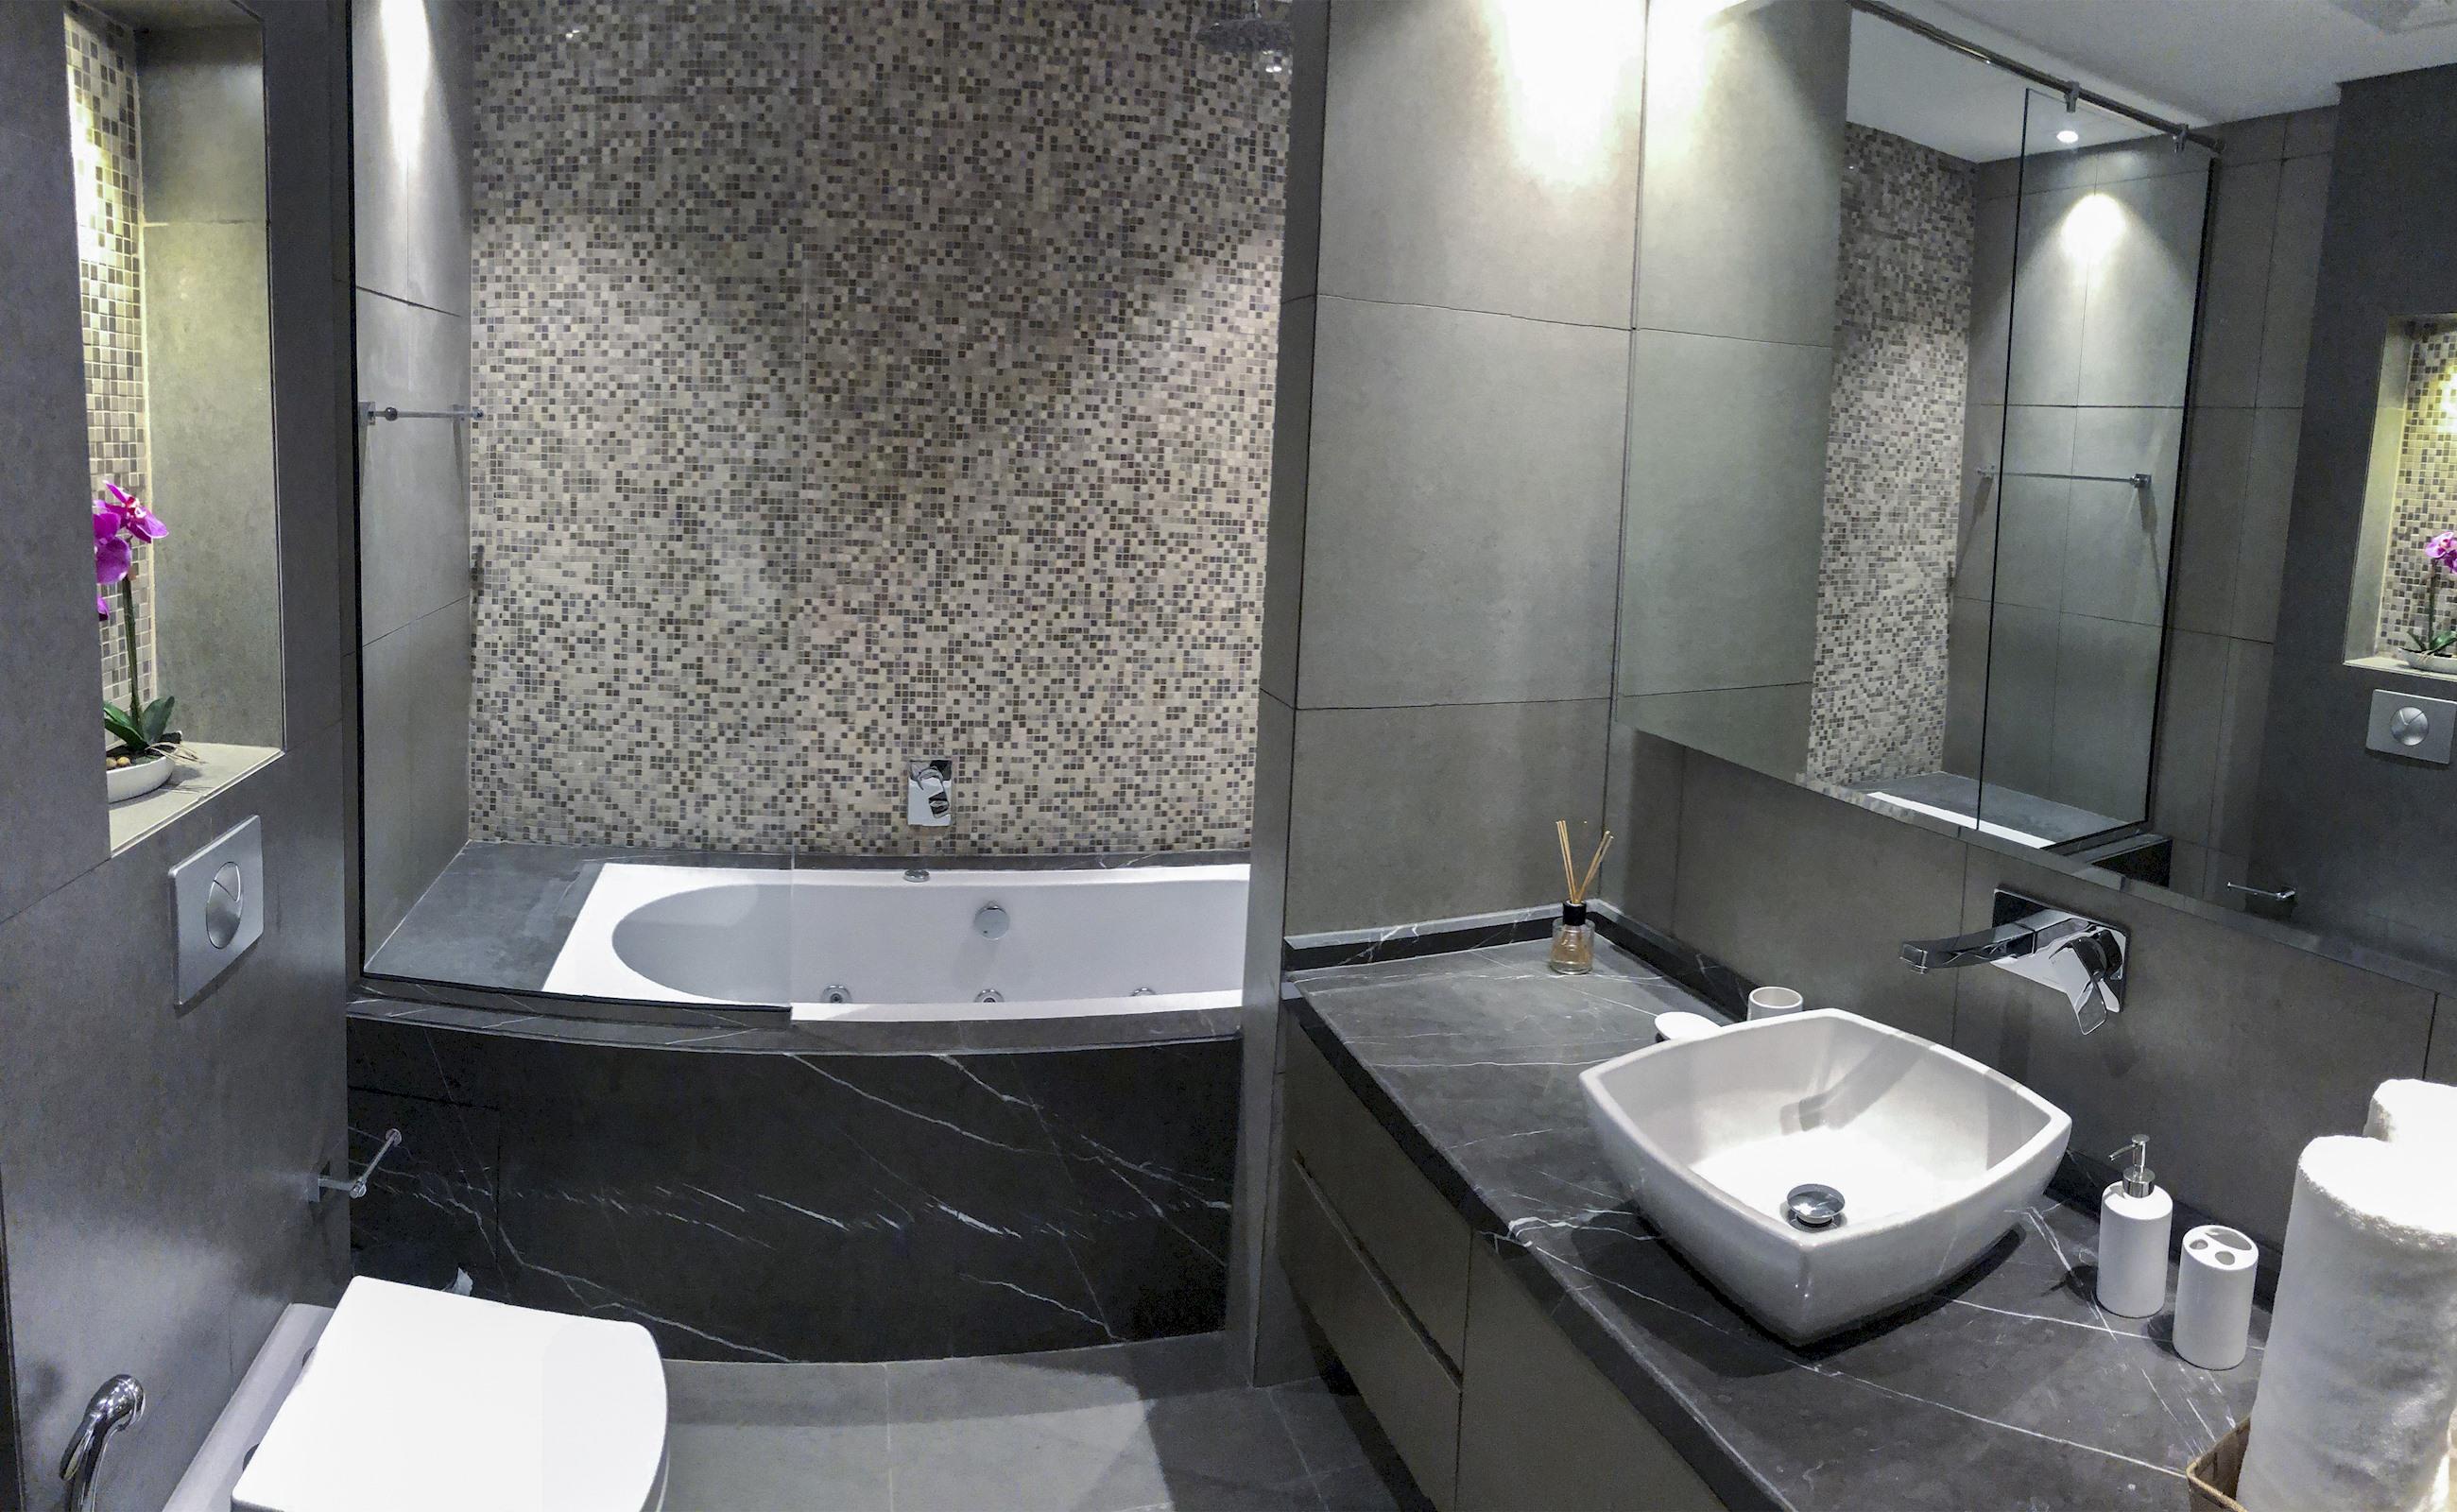 Apartment The Galleries Meydan Luxury - Dubai photo 27263520